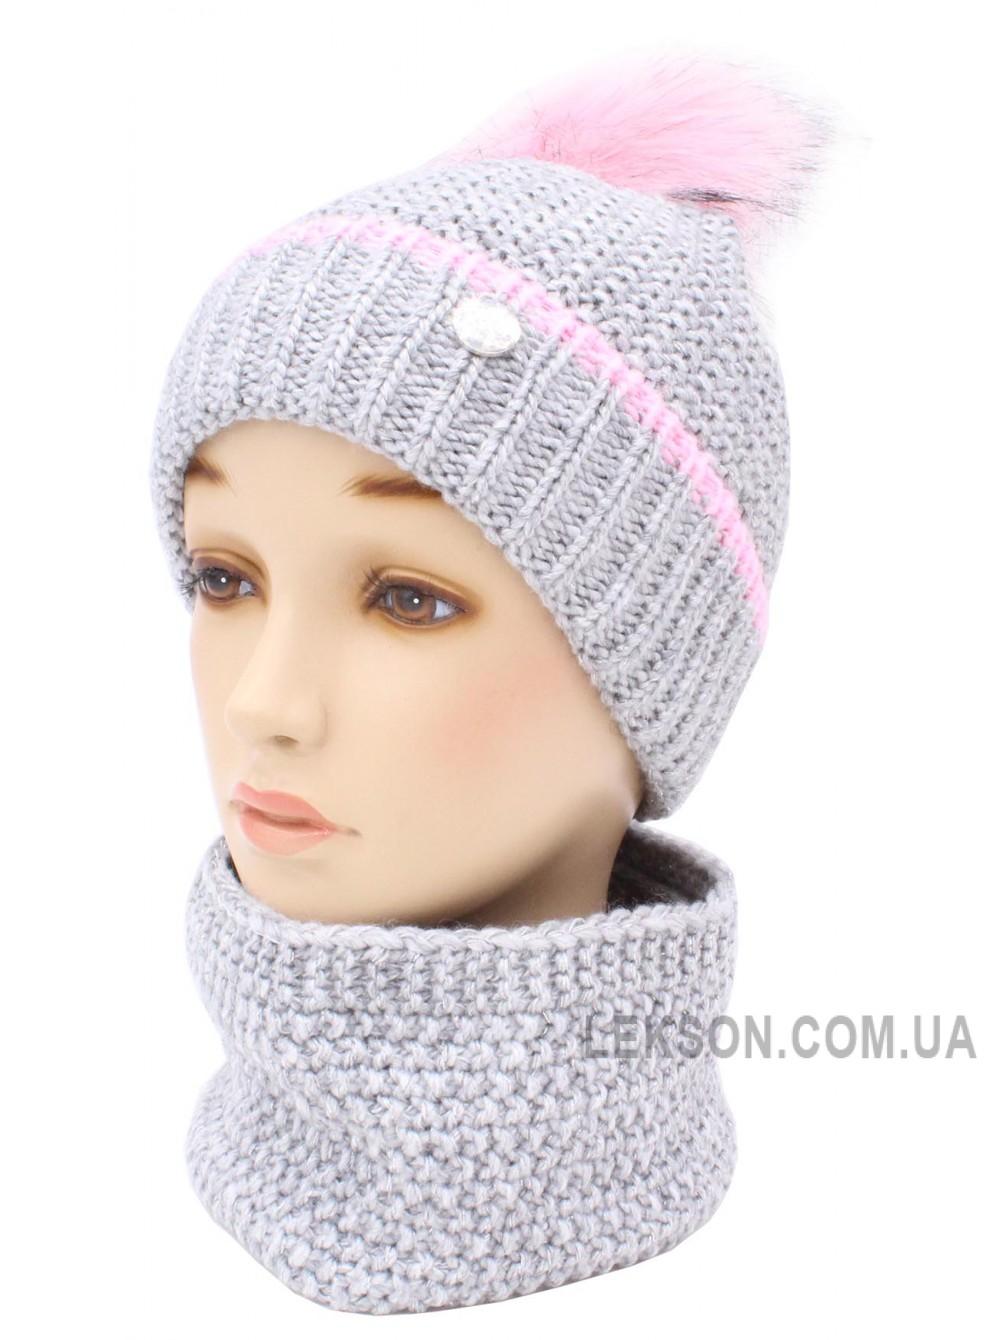 Детская вязаная шапка Мила D53651-46-50